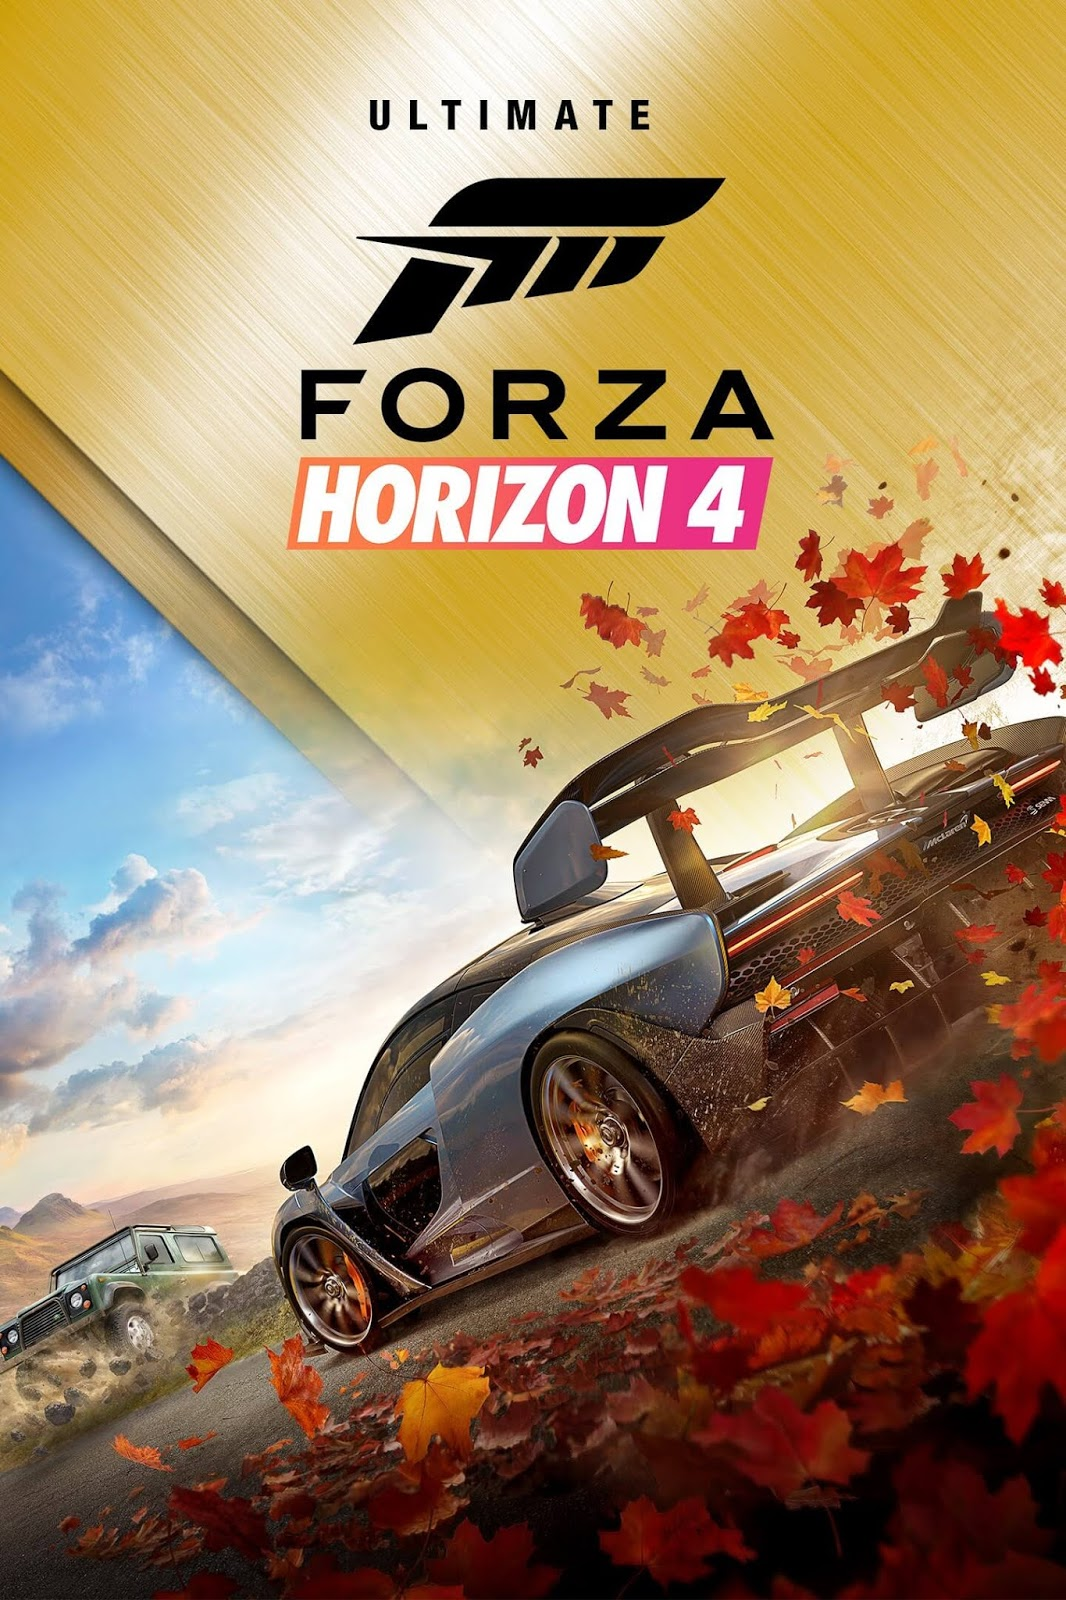 تحميل لعبة forza horizon 4 للكمبيوتر من ميديا فاير،تحميل لعبة forza horizon 4 للاندرويد 2020،تحميل لعبة forza horizon 4 للكمبيوتر windows 7،تحميل لعبة forza horizon 4 مجانا،تحميل لعبة forza horizon 4 للكمبيوتر،تحميل لعبة forza horizon 4 بحجم صغير،شرح تحميل وتثبيت لعبة forza horizon 4،تحميل لعبة forza horizon 4 من ميديا فاير،تنزيل لعبة forza horizon 4 مجانا،تحميل لعبة forza horizon 4 للكمبيوتر مجانا،تحميل لعبة،السيارات forza horizon 4 مع جميع الاضافات،تحميل لعبة forza horizon 4 للكمبيوتر بحجم صغير،تحميل لعبة forza horizon 4 للكمبيوتر كاملة،كيفية تحميل لعبة forza horizon 4 للكمبيوتر،تحميل كراك لعبة forza horizon 4،كيفية تحميل لعبة forza horizon 4 للكمبيوتر مجانا،كيفية تحميل لعبة forza horizon 4،كيفية تحميل لعبة forza horizon 4 للكمبيوتر windows 7،تحميل لعبة forza horizon 4 pc،تحميل forza horizon 4،رابط،تحميل لعبة forza horizon 4،تحميل forza horizon 4 للكمبيوتر،تحميل لعبة forza horizon 4 للكمبيوتر بحجم صغير windows 7،تحميل لعبة forza horizon 4 pc تورنت،تحميل لعبة forza horizon 4 برابط مباشر،تنزيل لعبة forza horizon 4 للكمبيوتر،تحميل لعبة forza horizon 4 للكمبيوتر windows 10